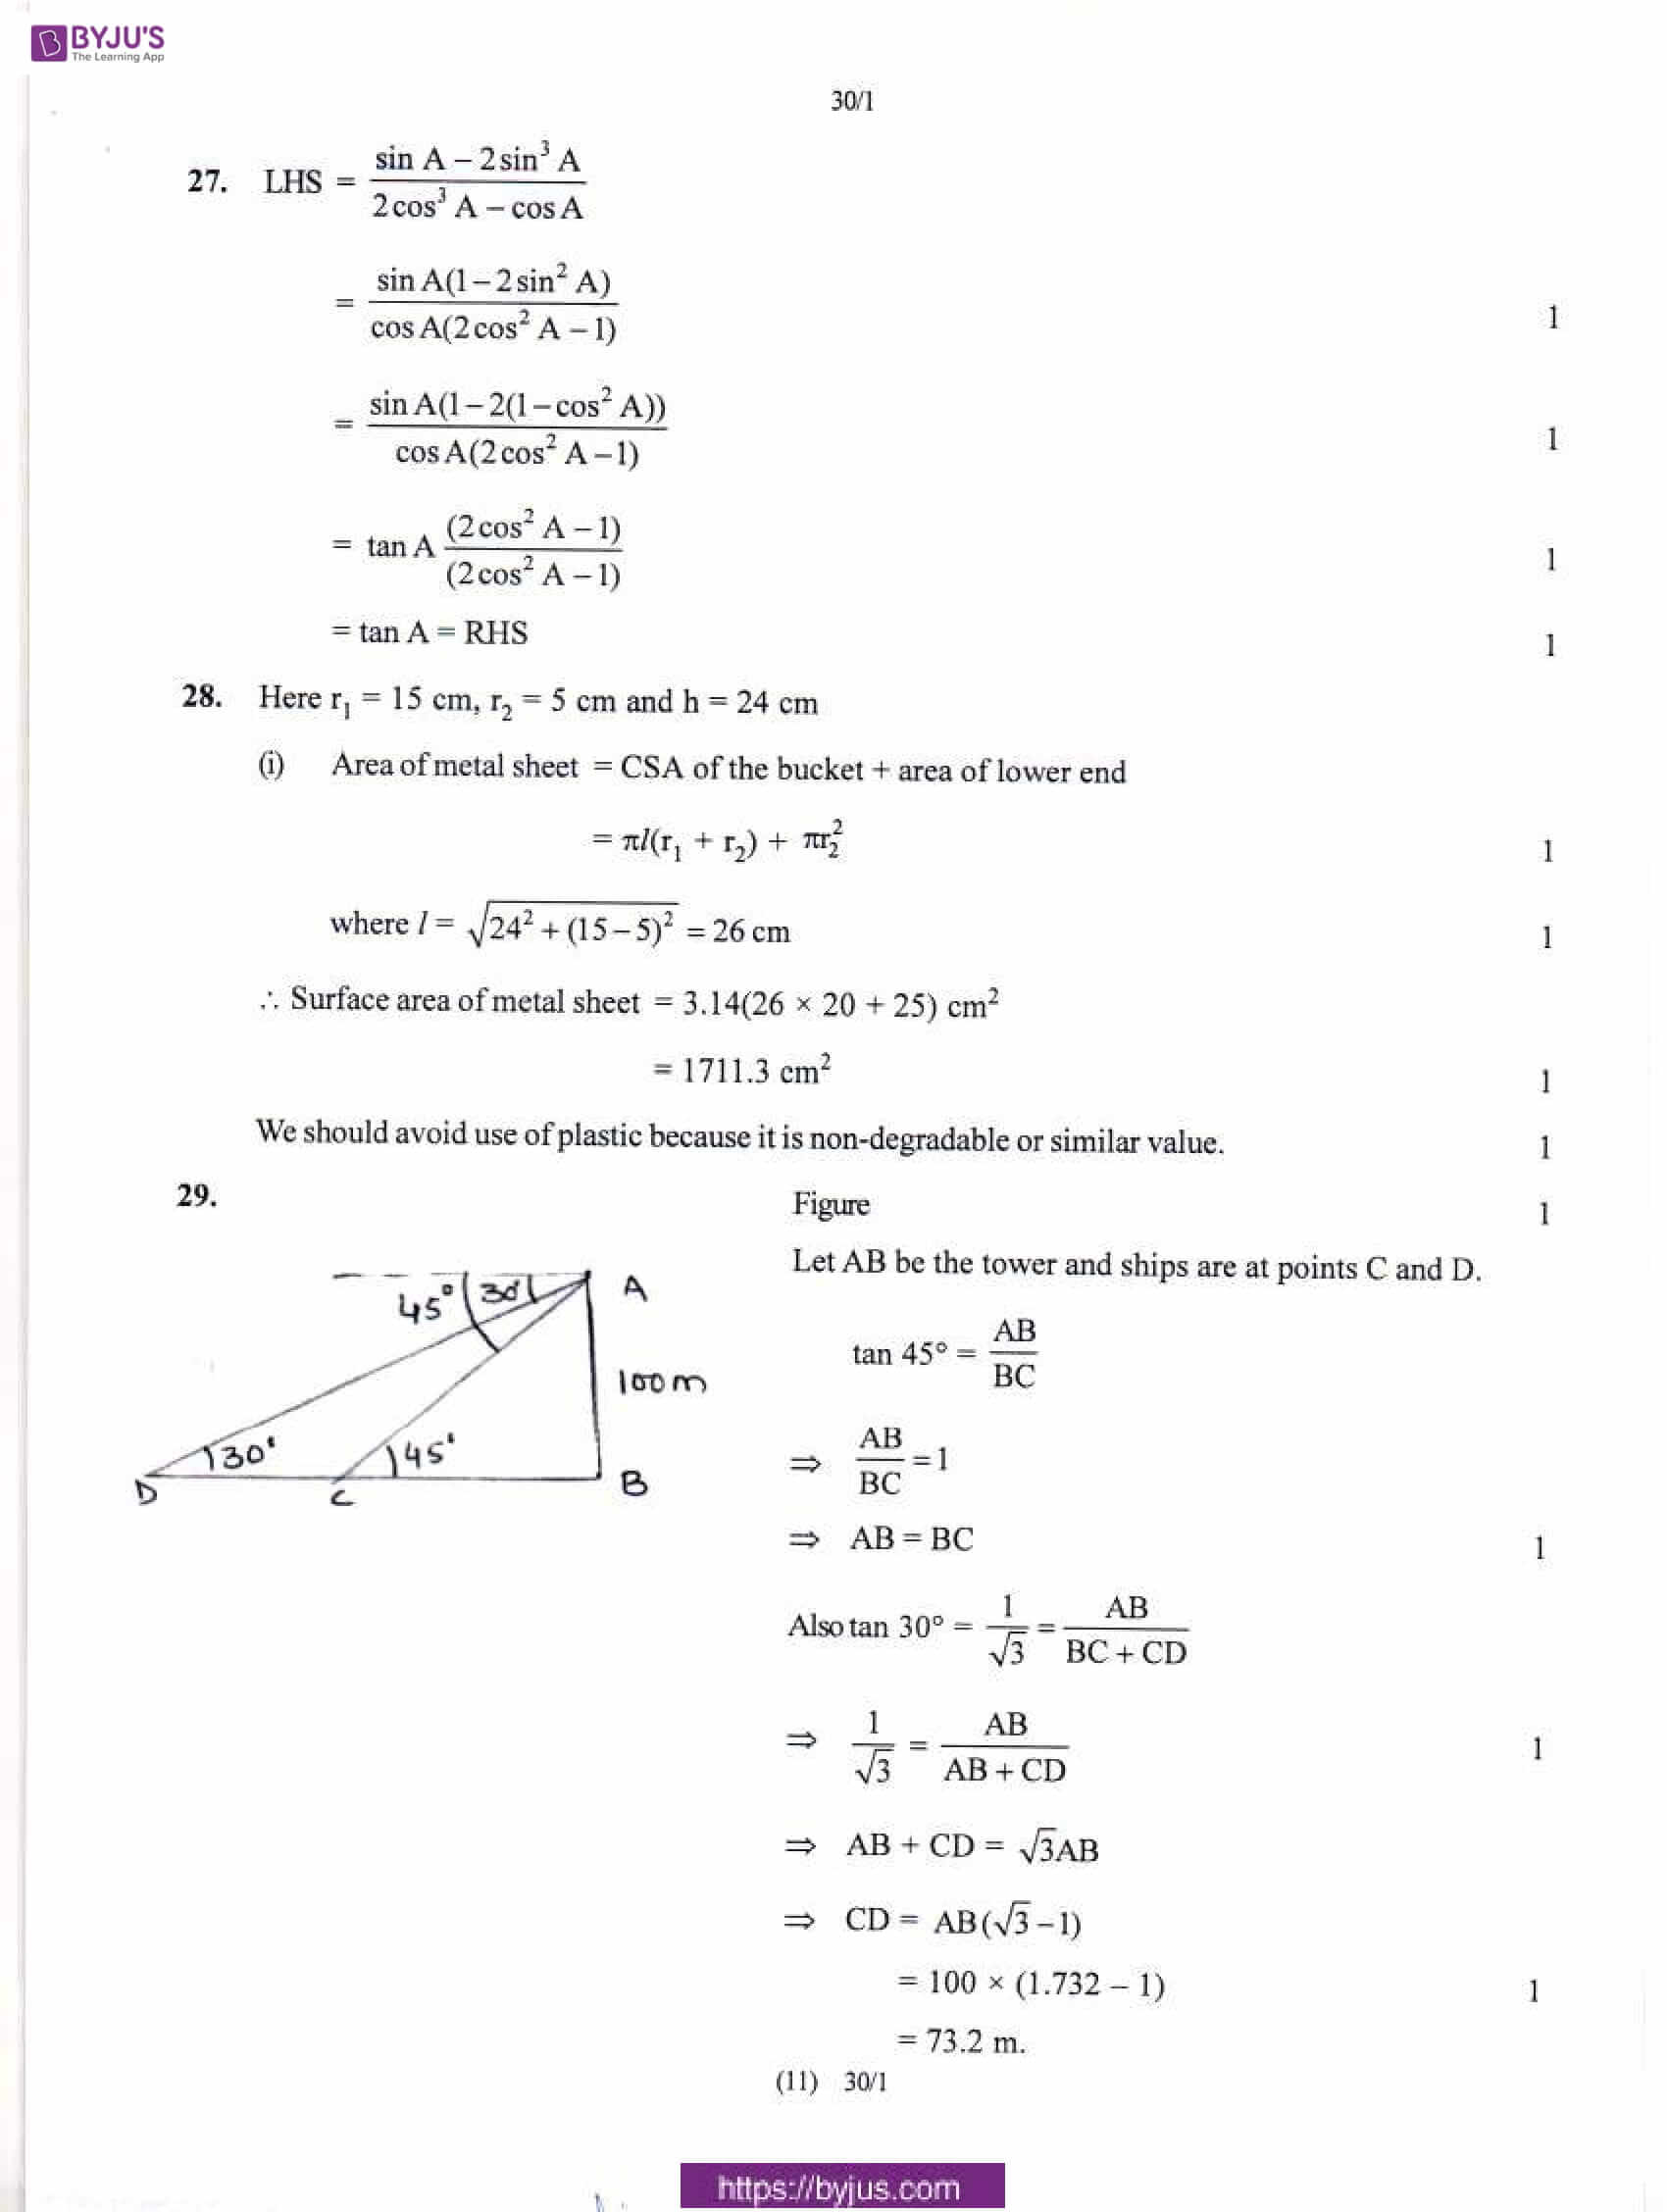 CBSE Class 10 Maths Solution PDF 2018 Set 1 10